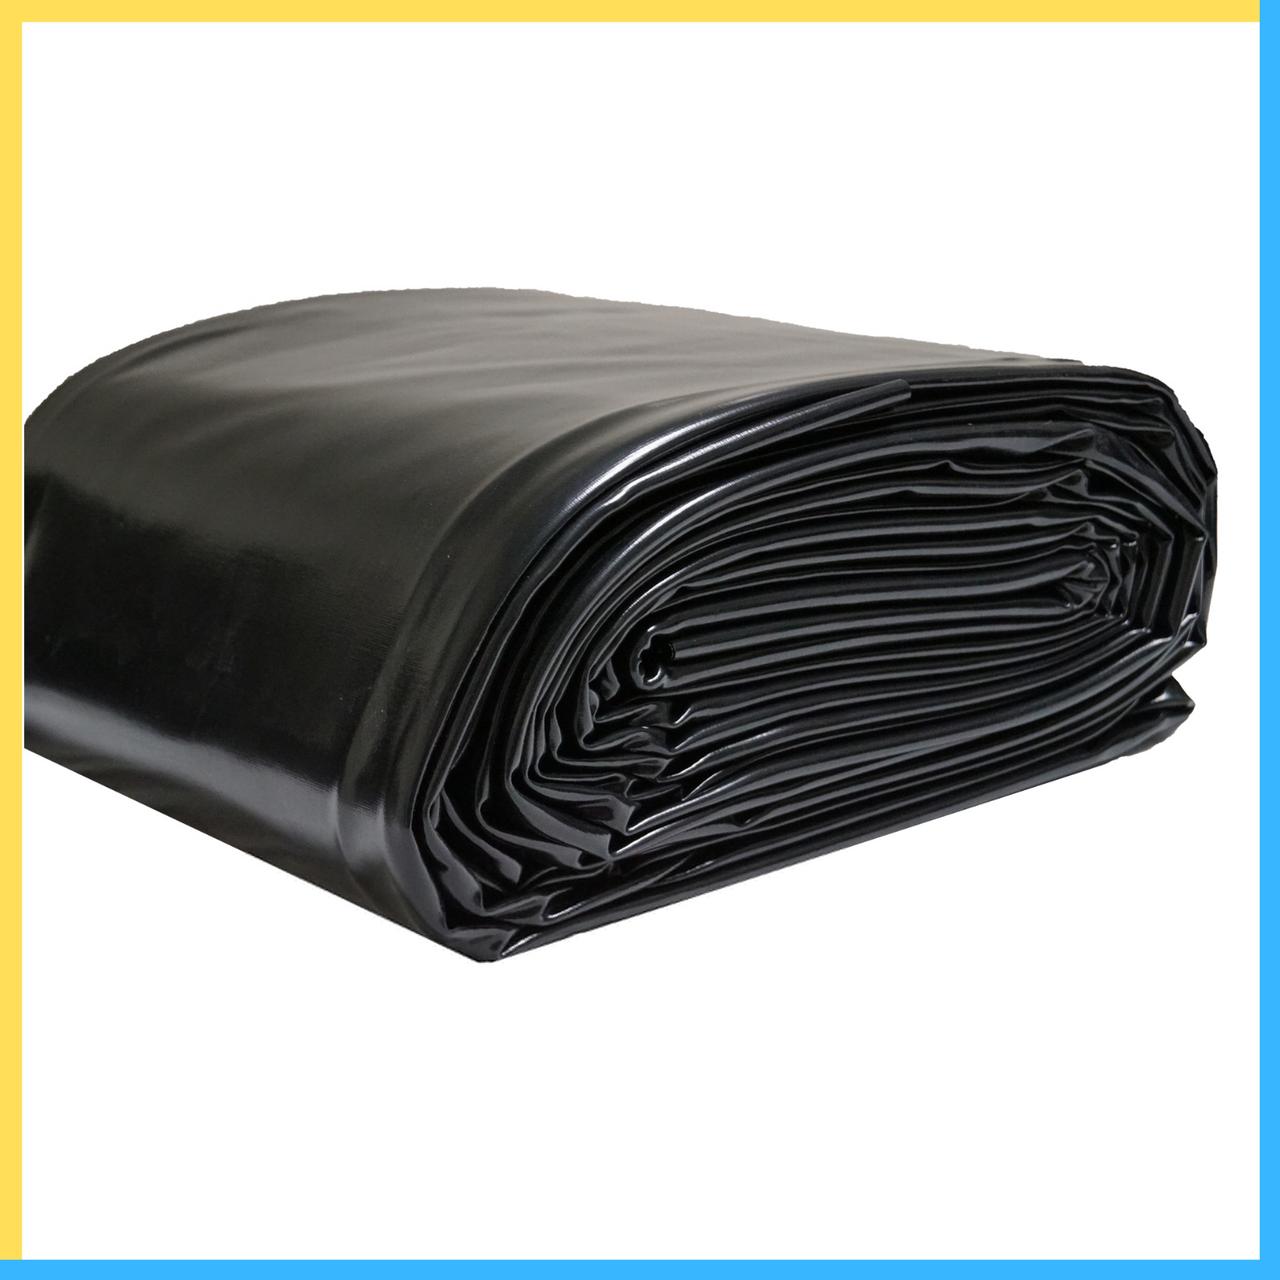 Чёрная плёнка на метраж 120 микрон (ширина 6 метров)